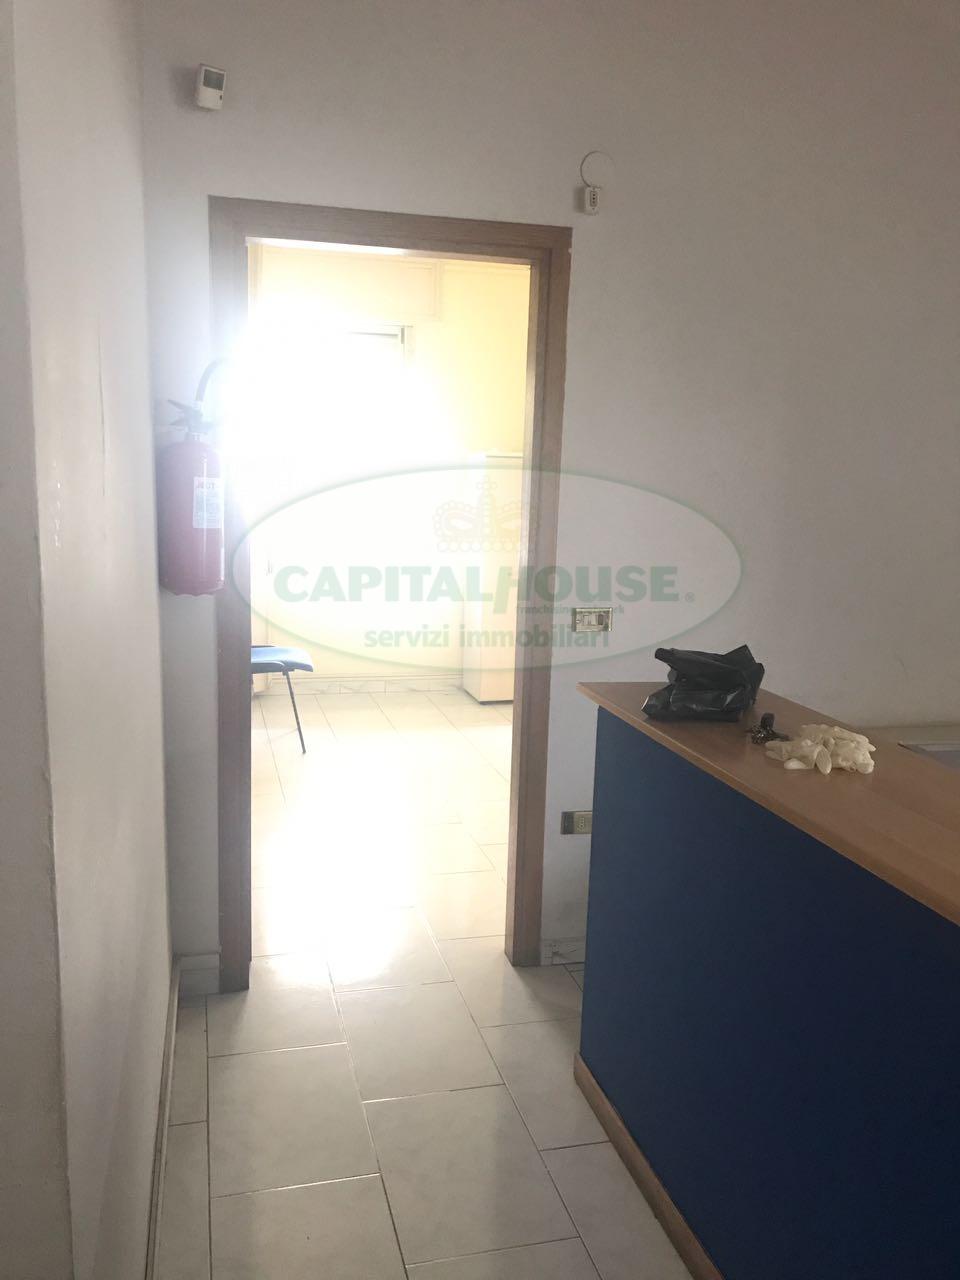 450uf ufficio in affitto a caserta caserta ferrarecce for Arredo ufficio caserta